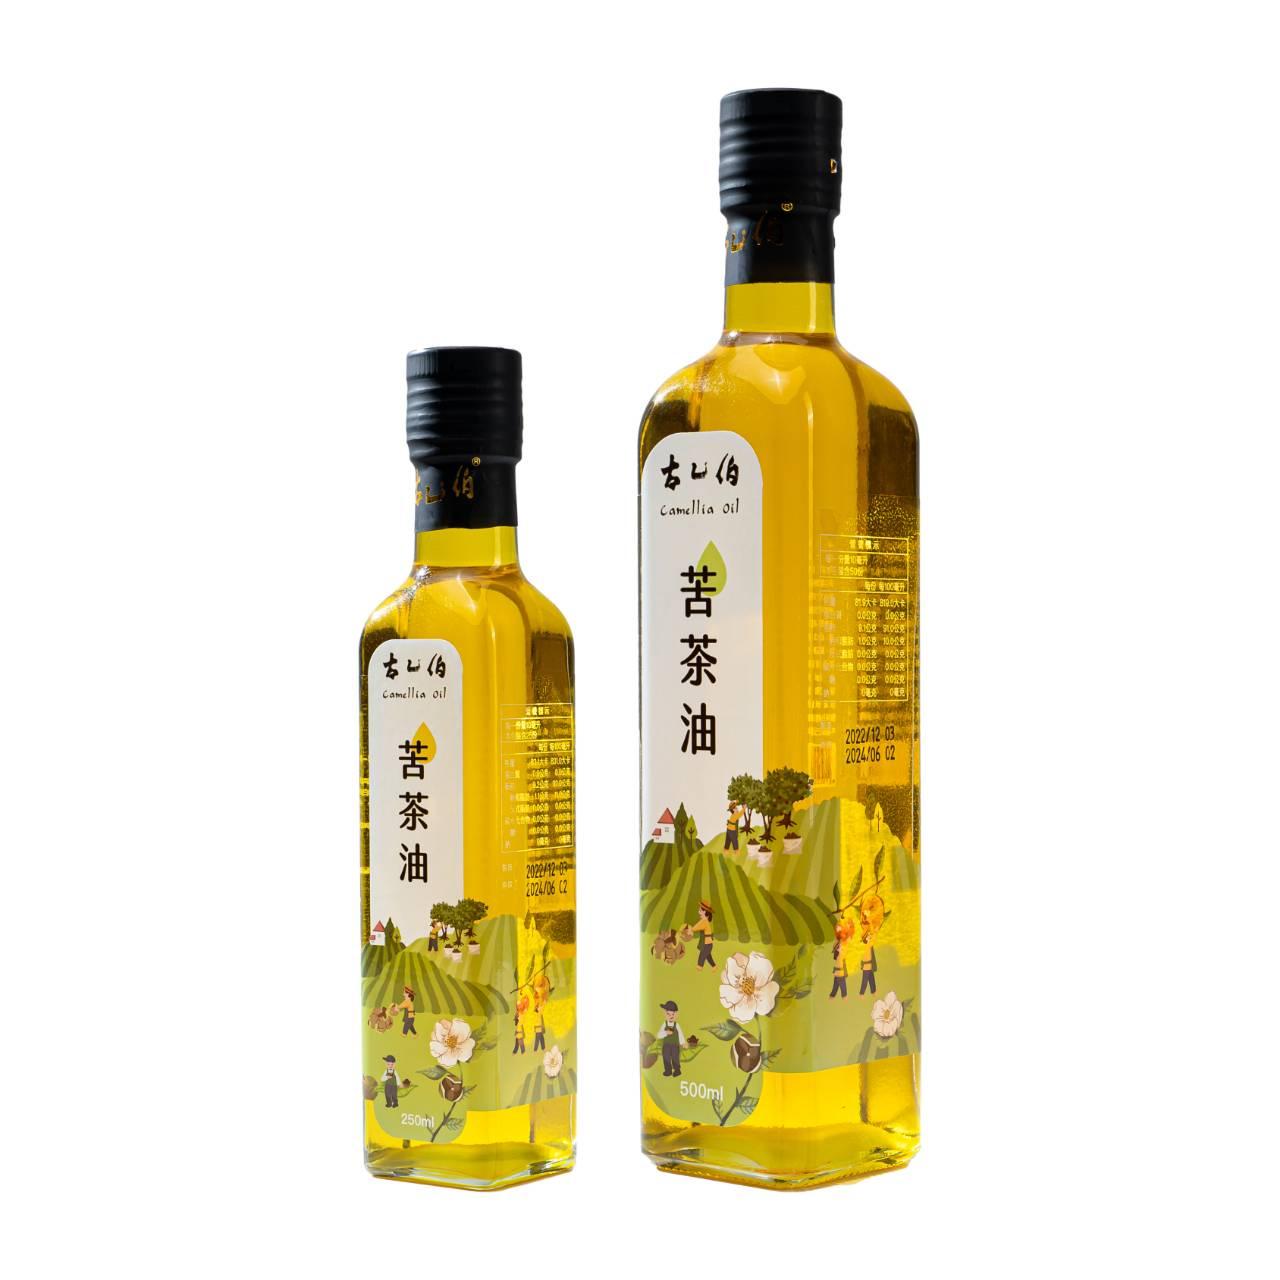 《古乙伯》苦茶油 (500ml /1瓶、250ml /1瓶)